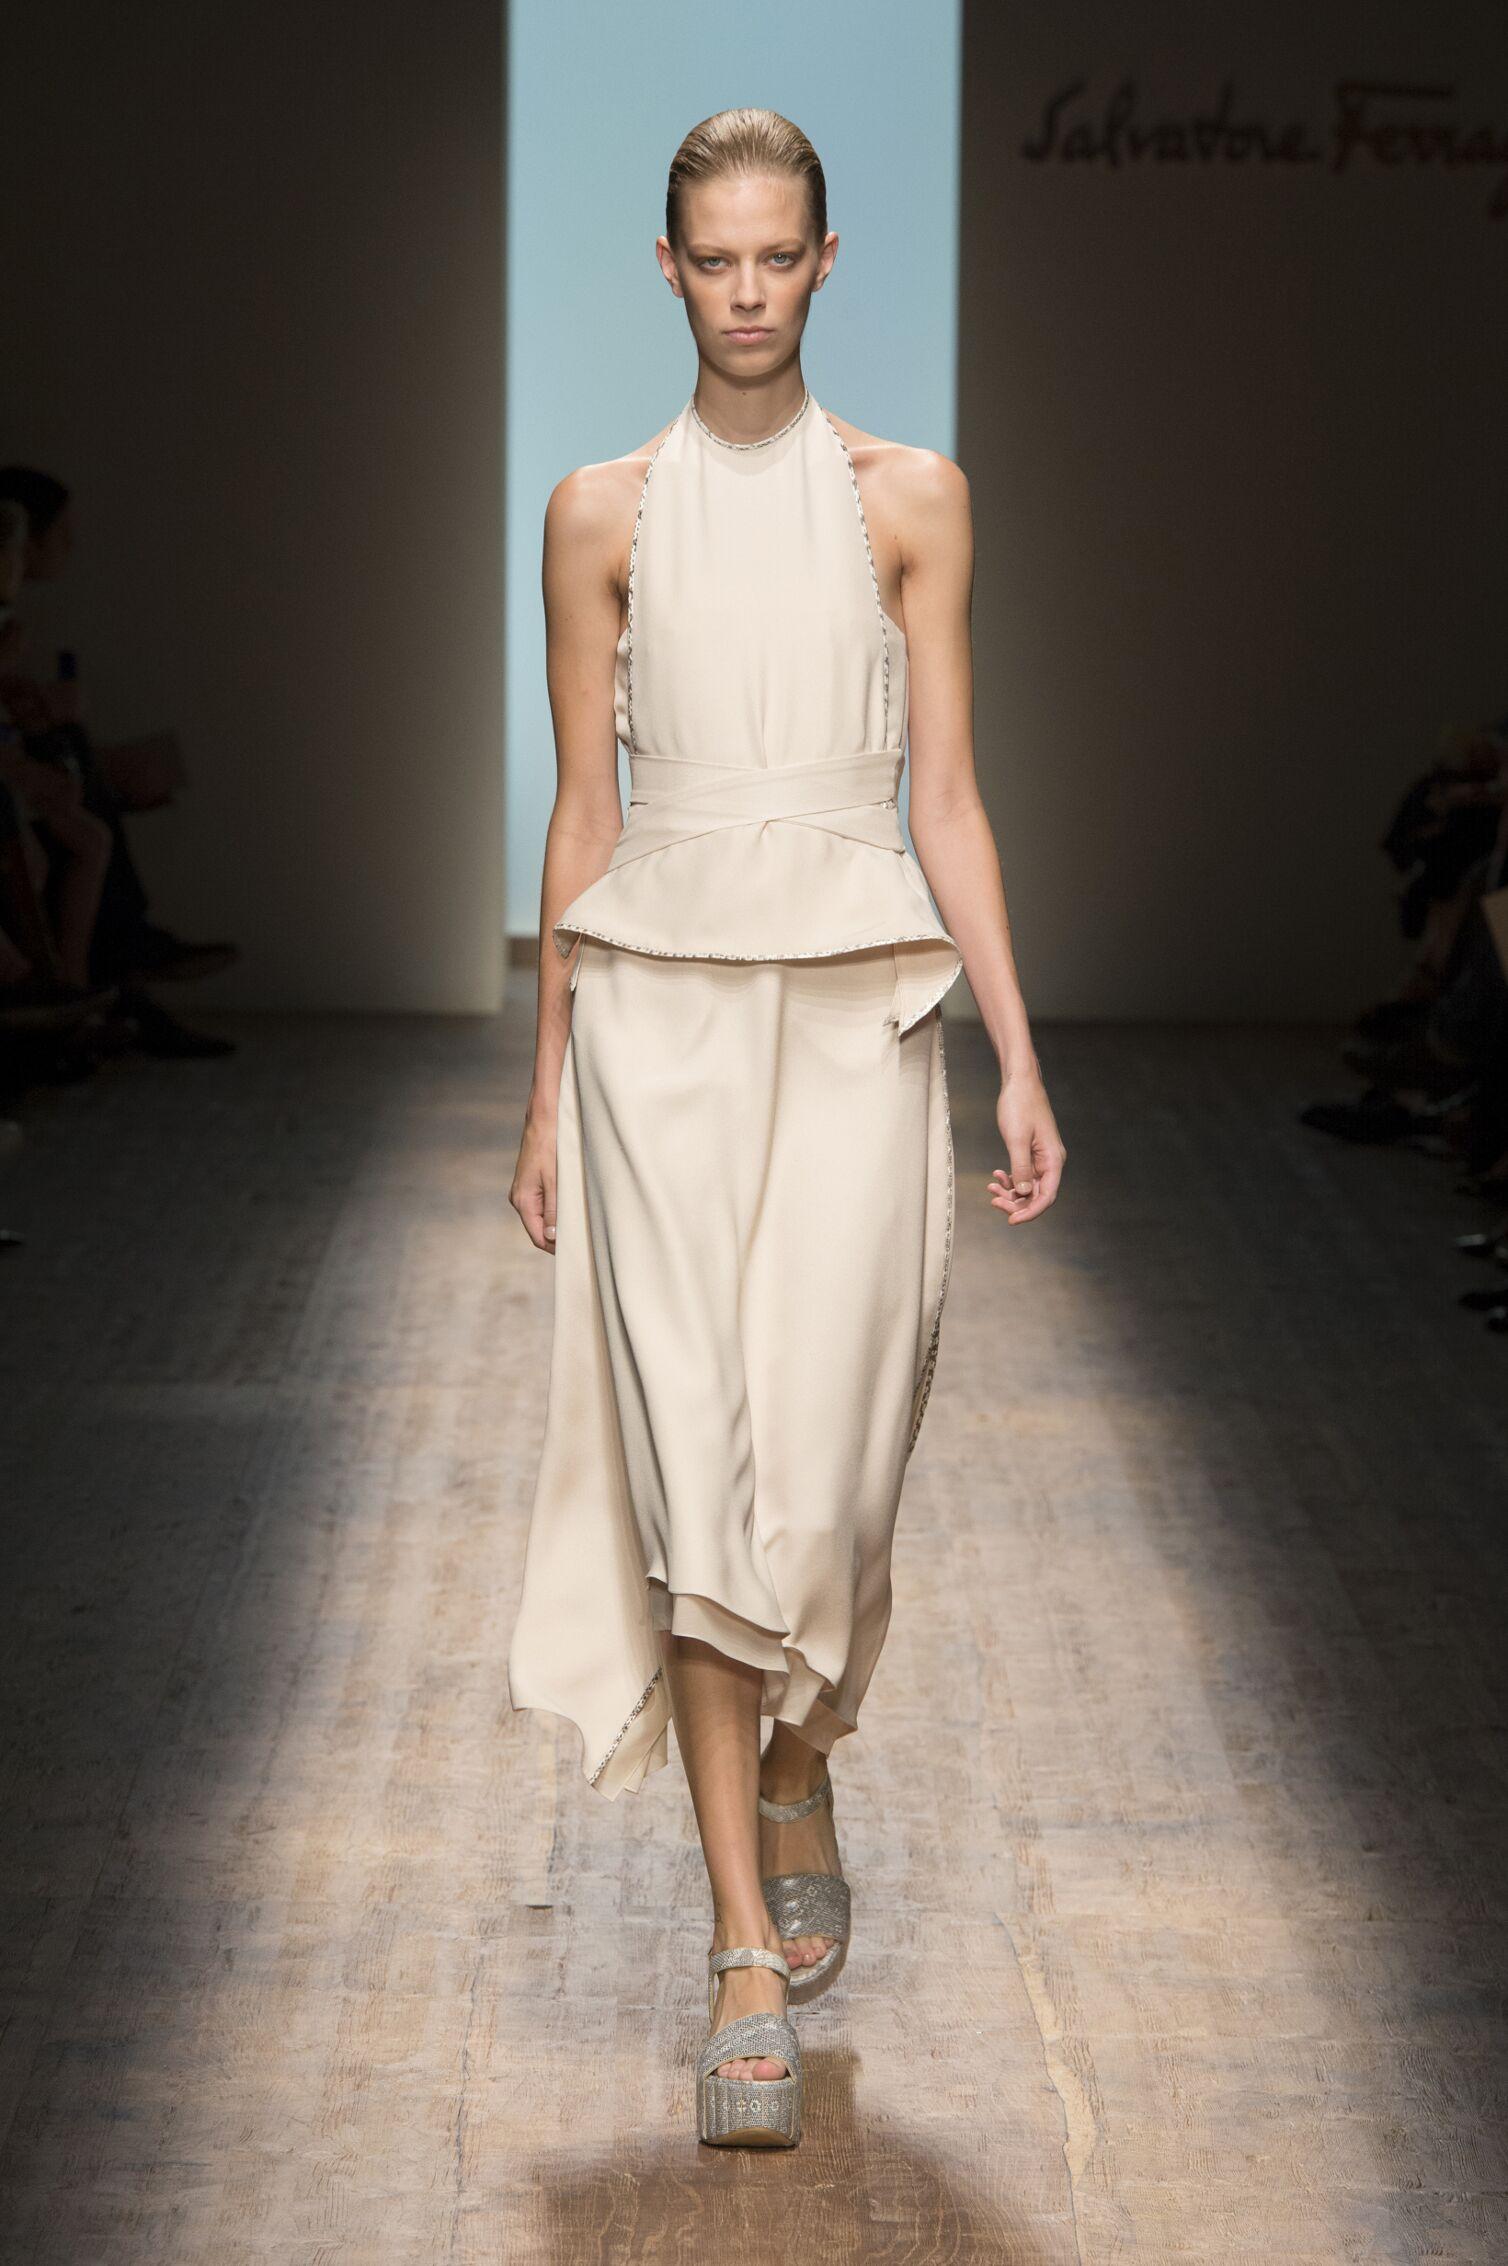 Spring Summer 2015 Fashion Model Salvatore Ferragamo